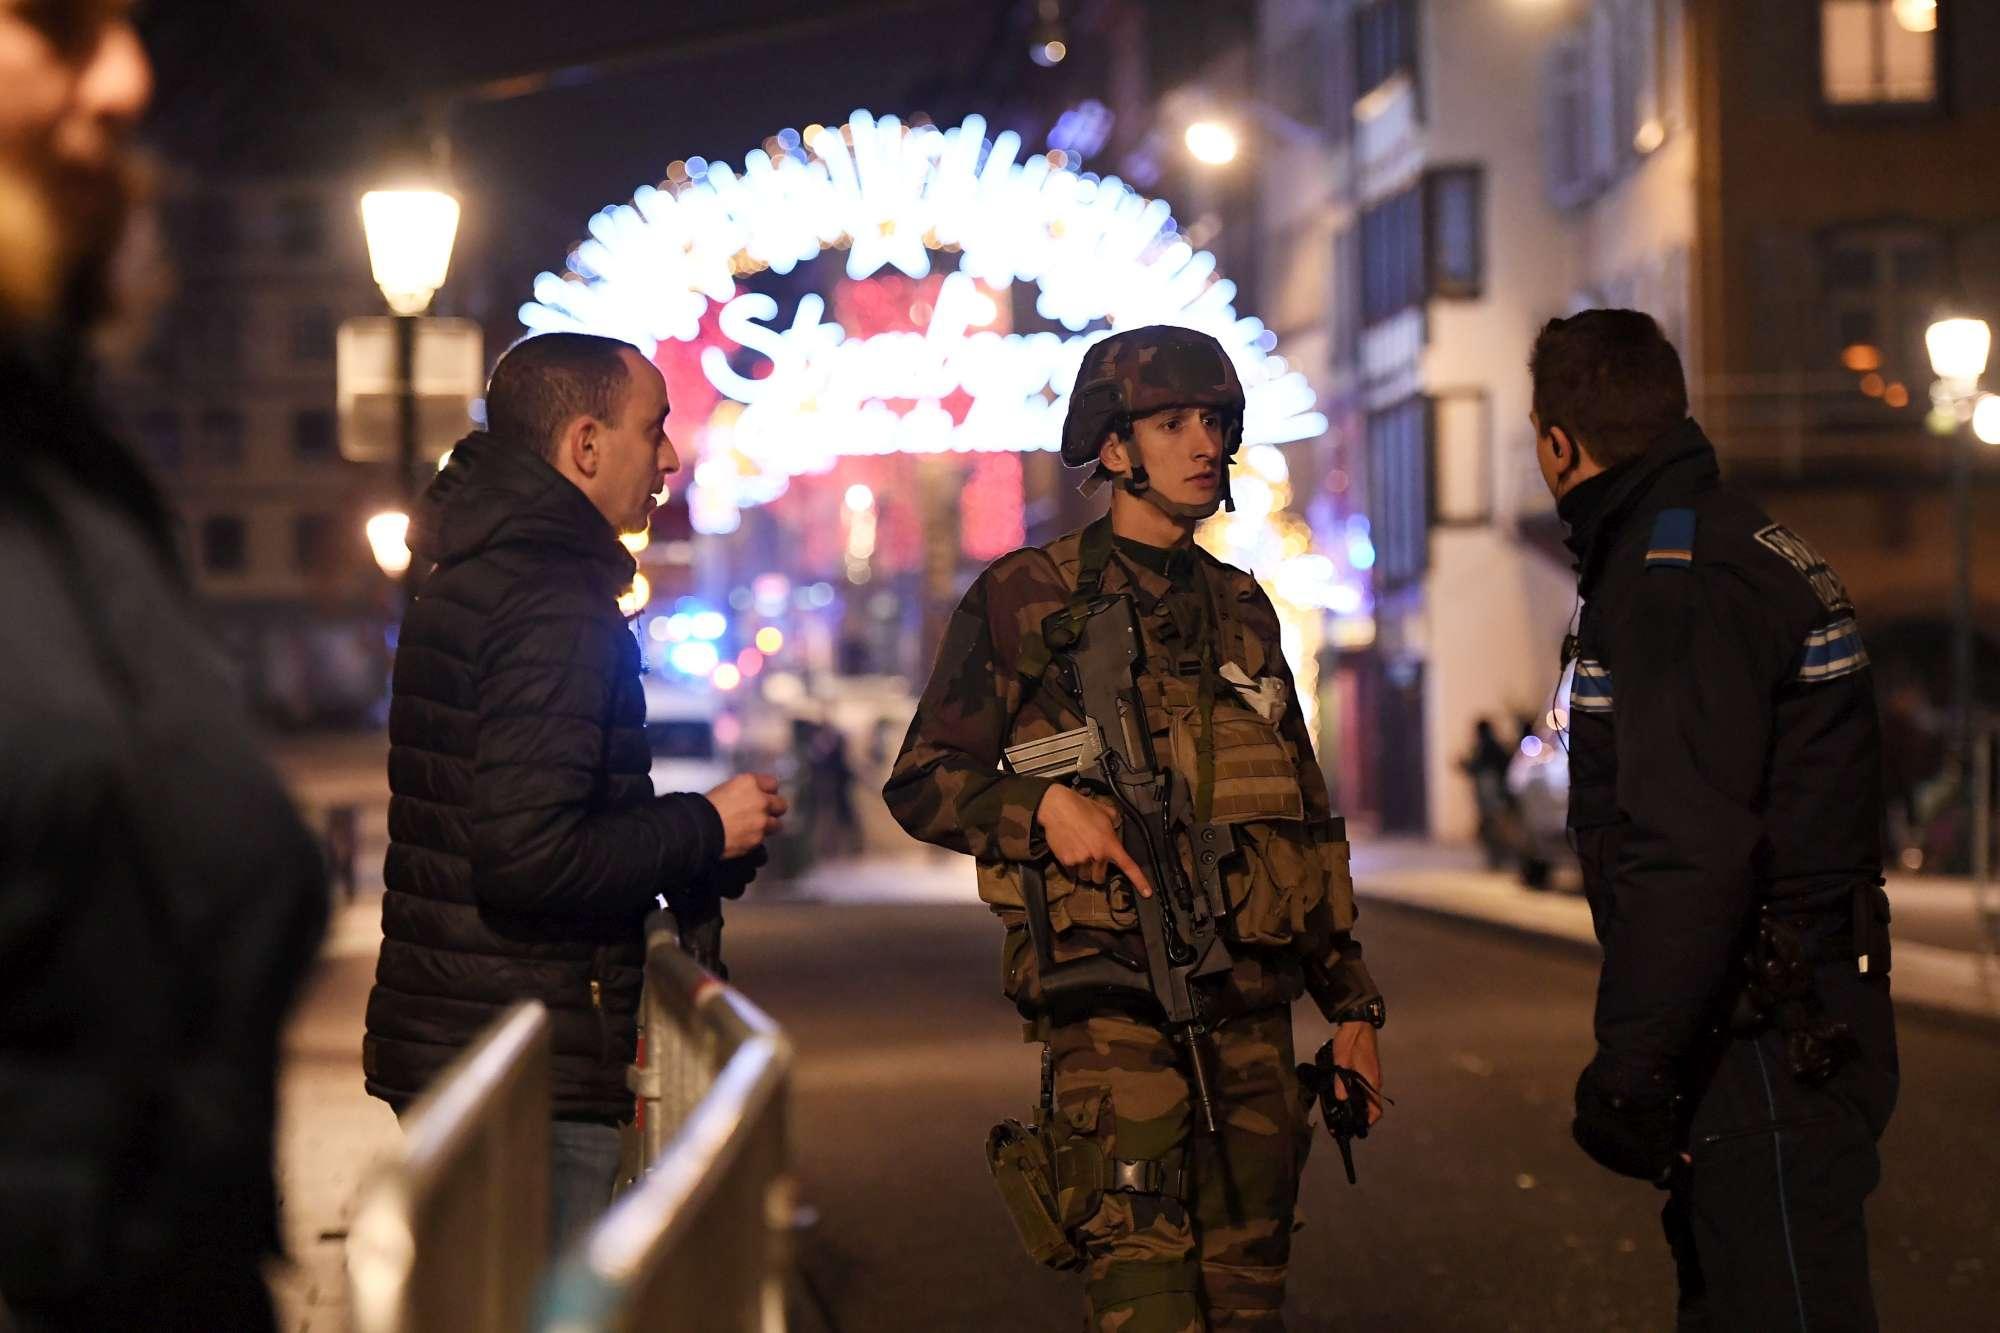 Spari al mercatino di Natale a Strasburgo: polizia ed esercito in azione